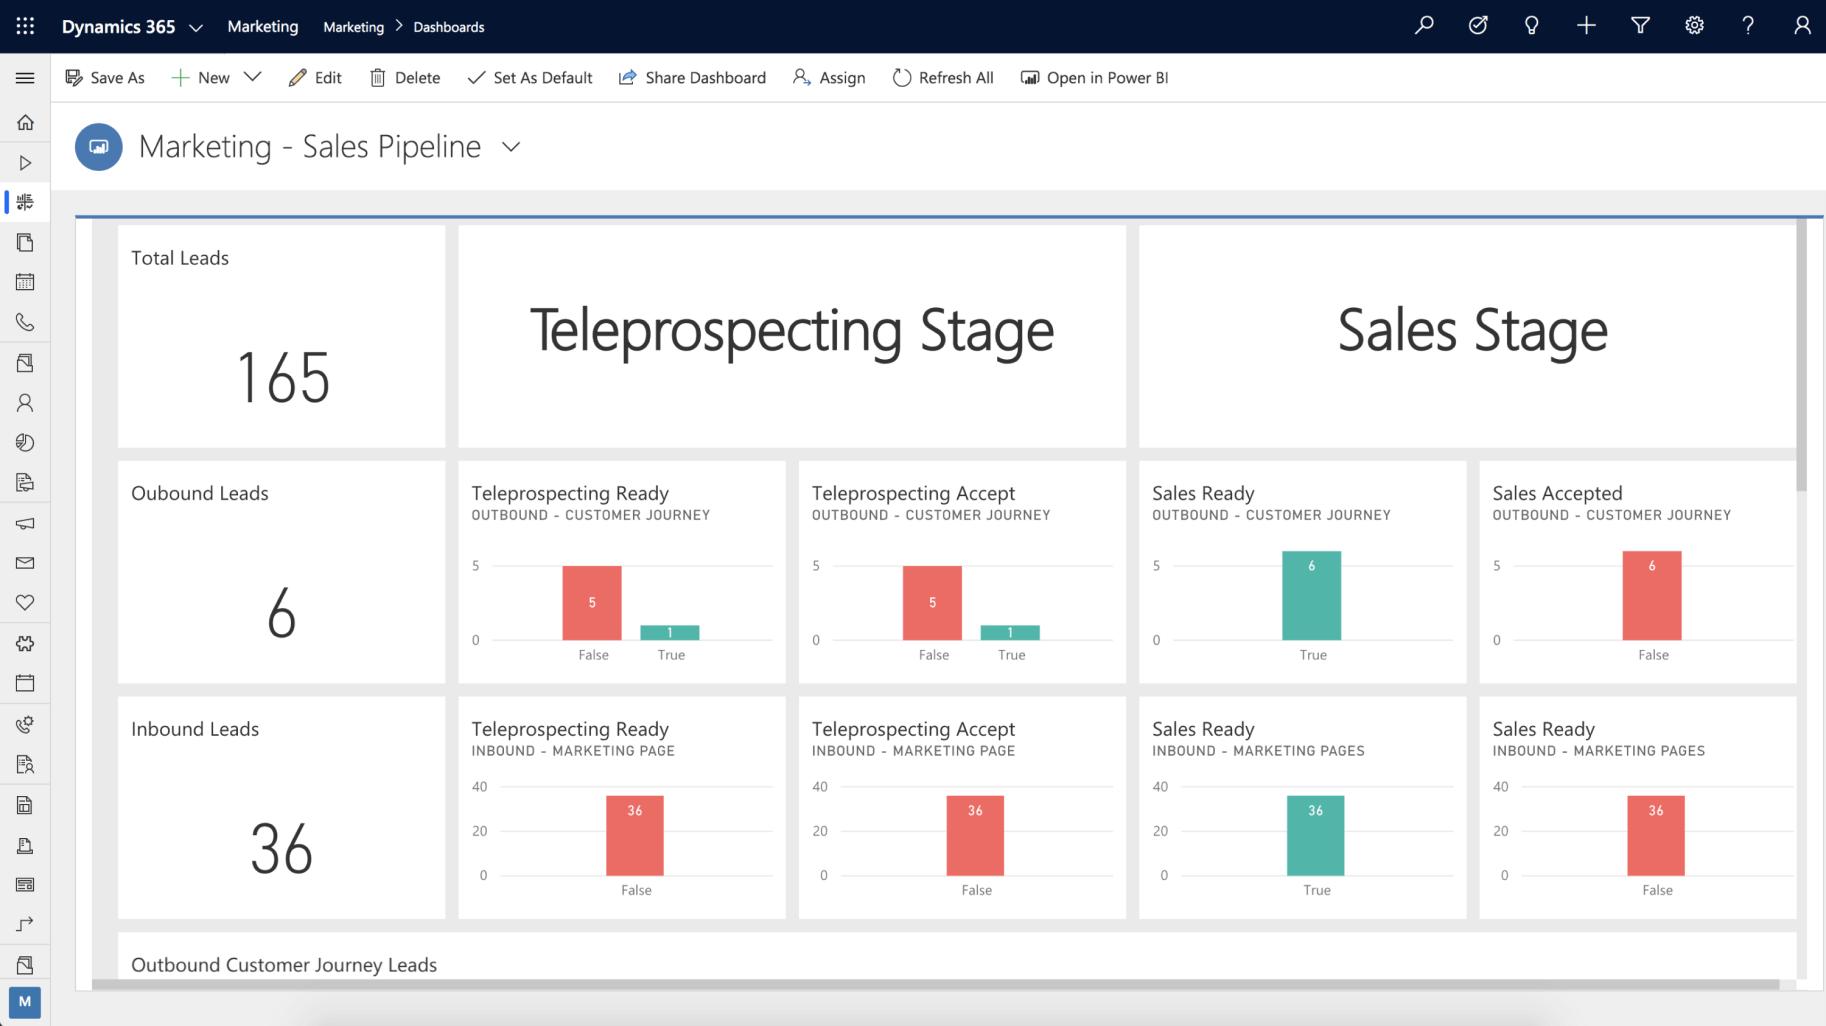 MS Dynamics 365 Marketing Dashboard